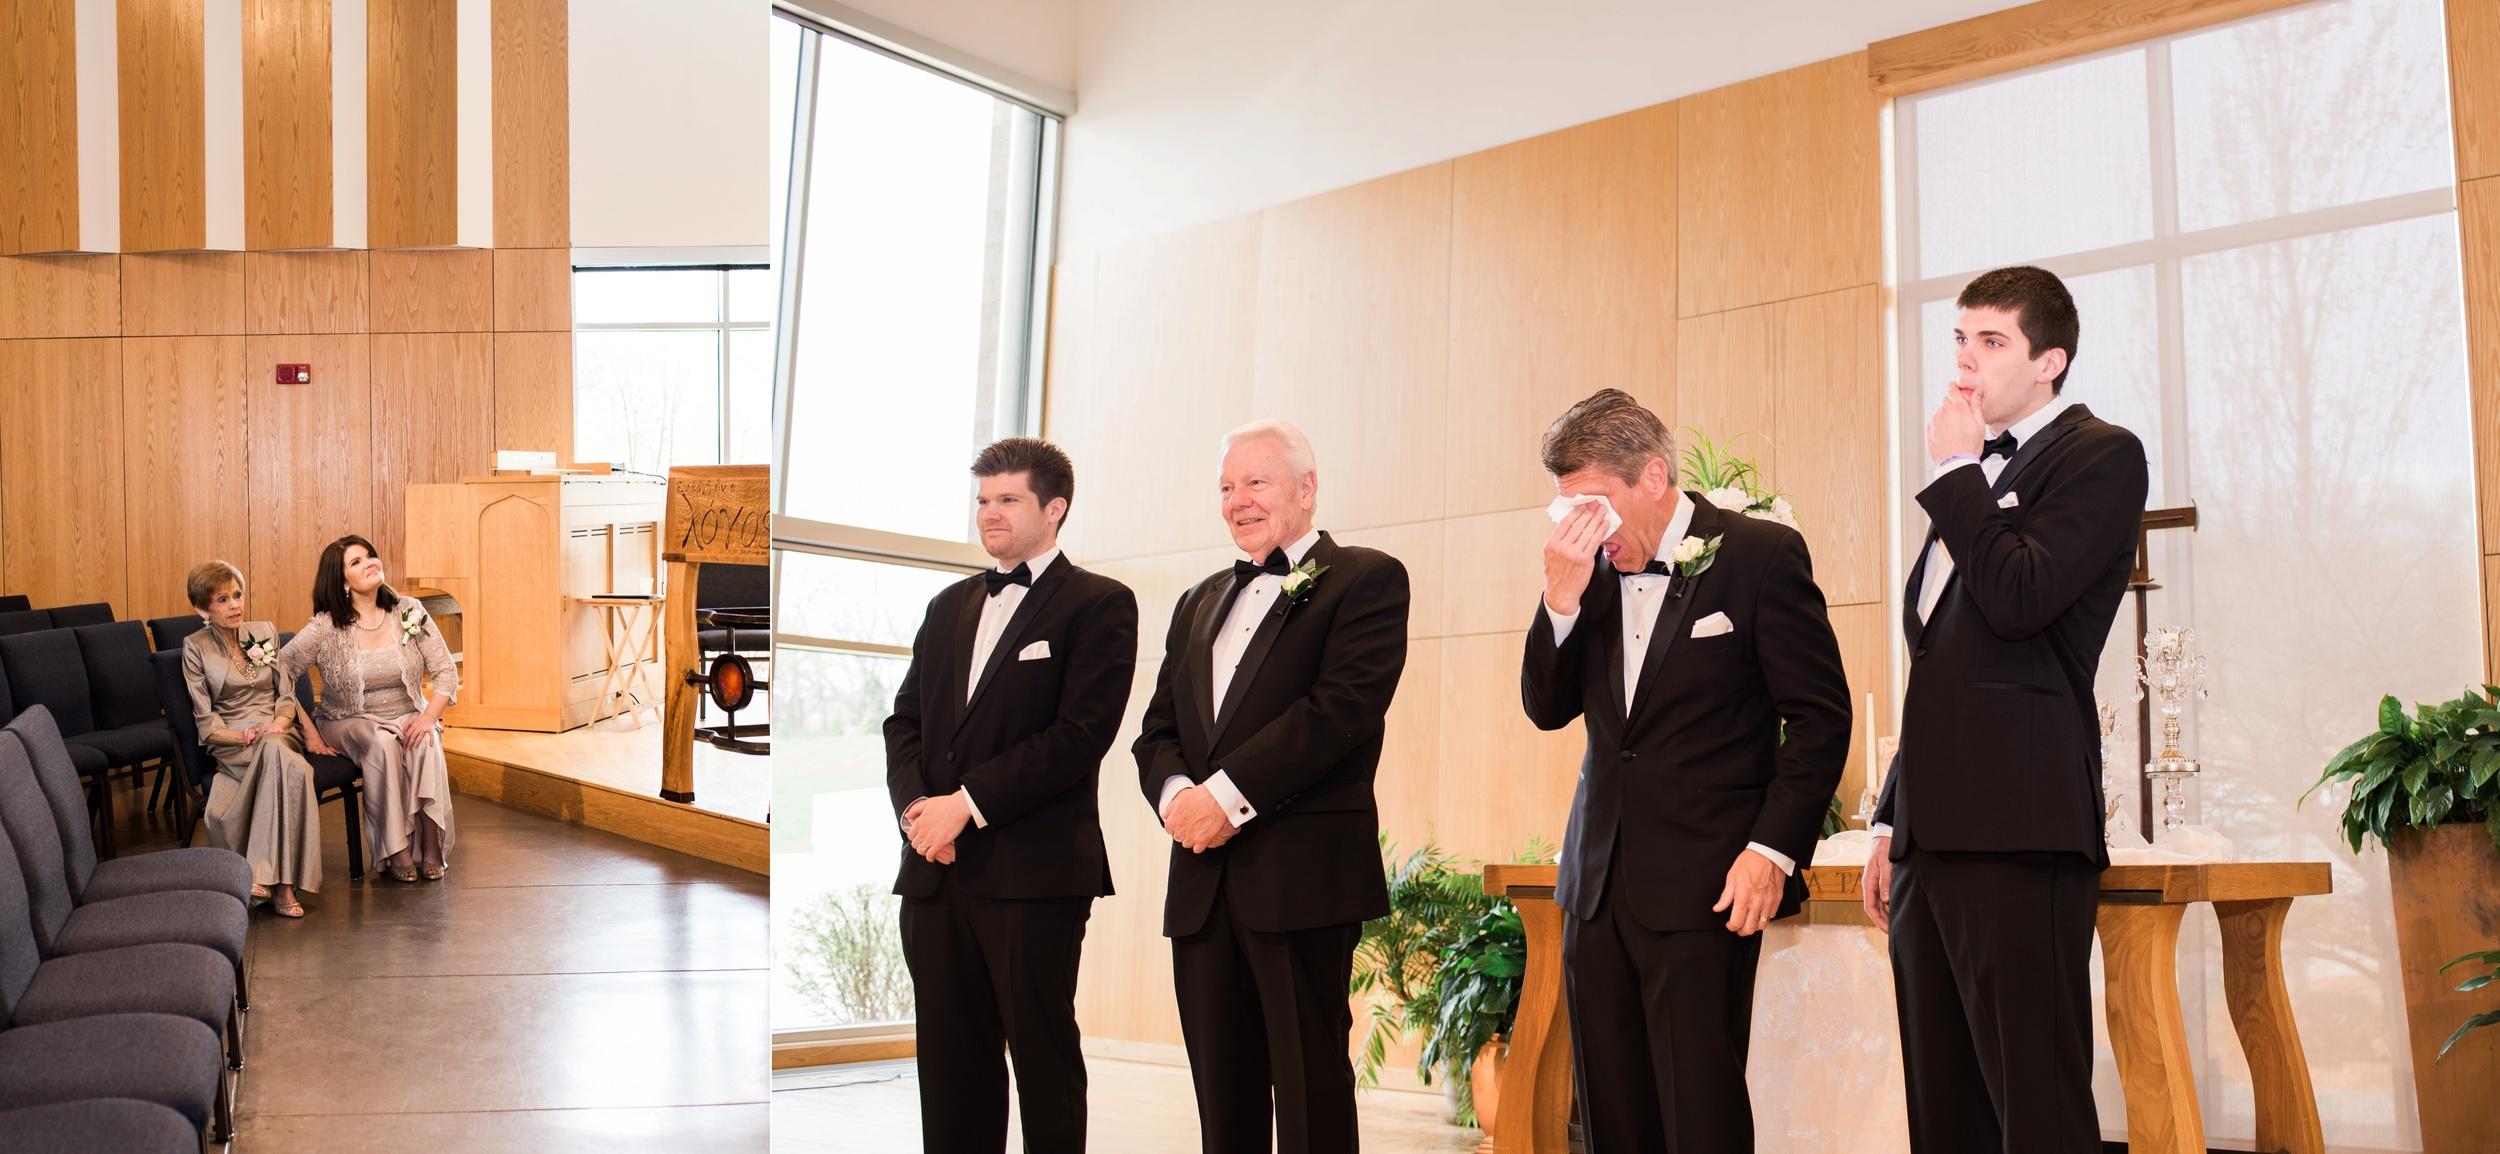 Des Moines Iowa Wedding Photographer_2066.jpg